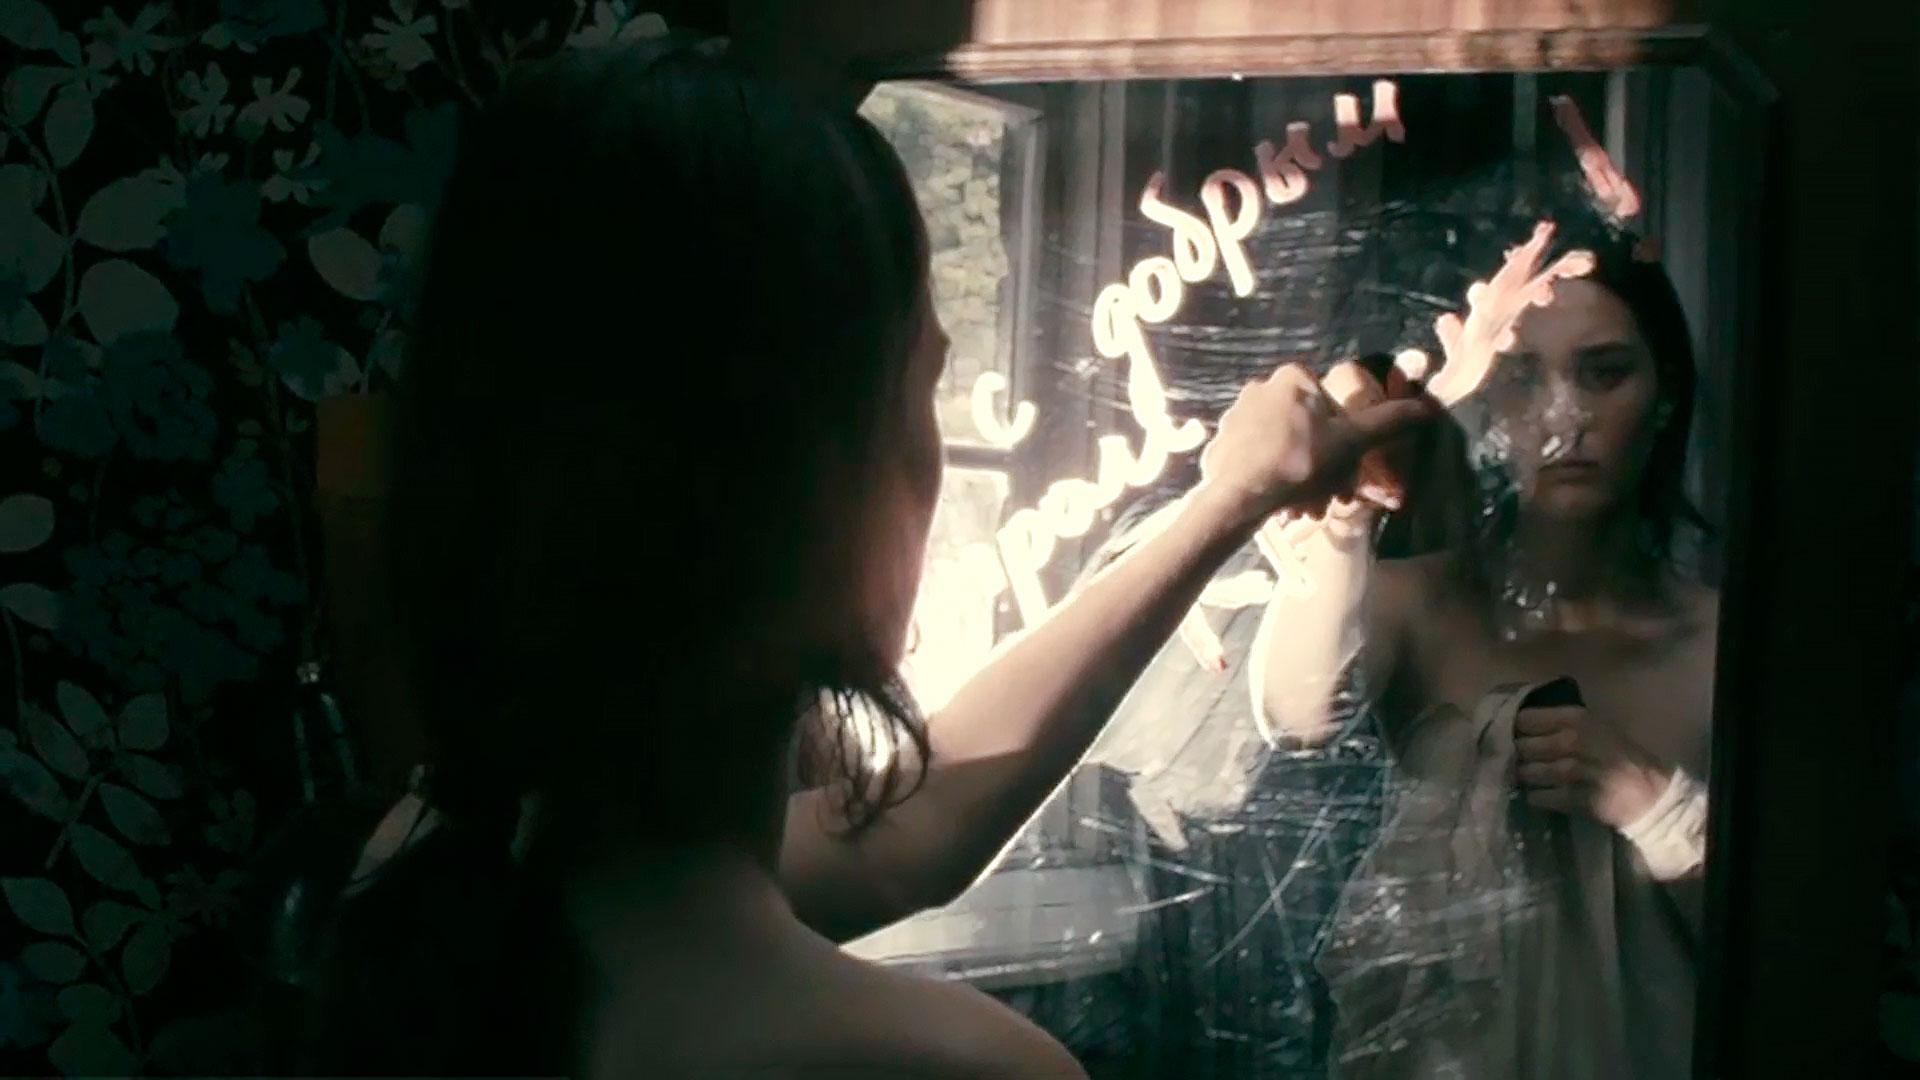 Это не я / Я хочу изменить себе имя / Алаверди / I'm Going To Change My Name / Alaverdi (2012 Мария Саакян)